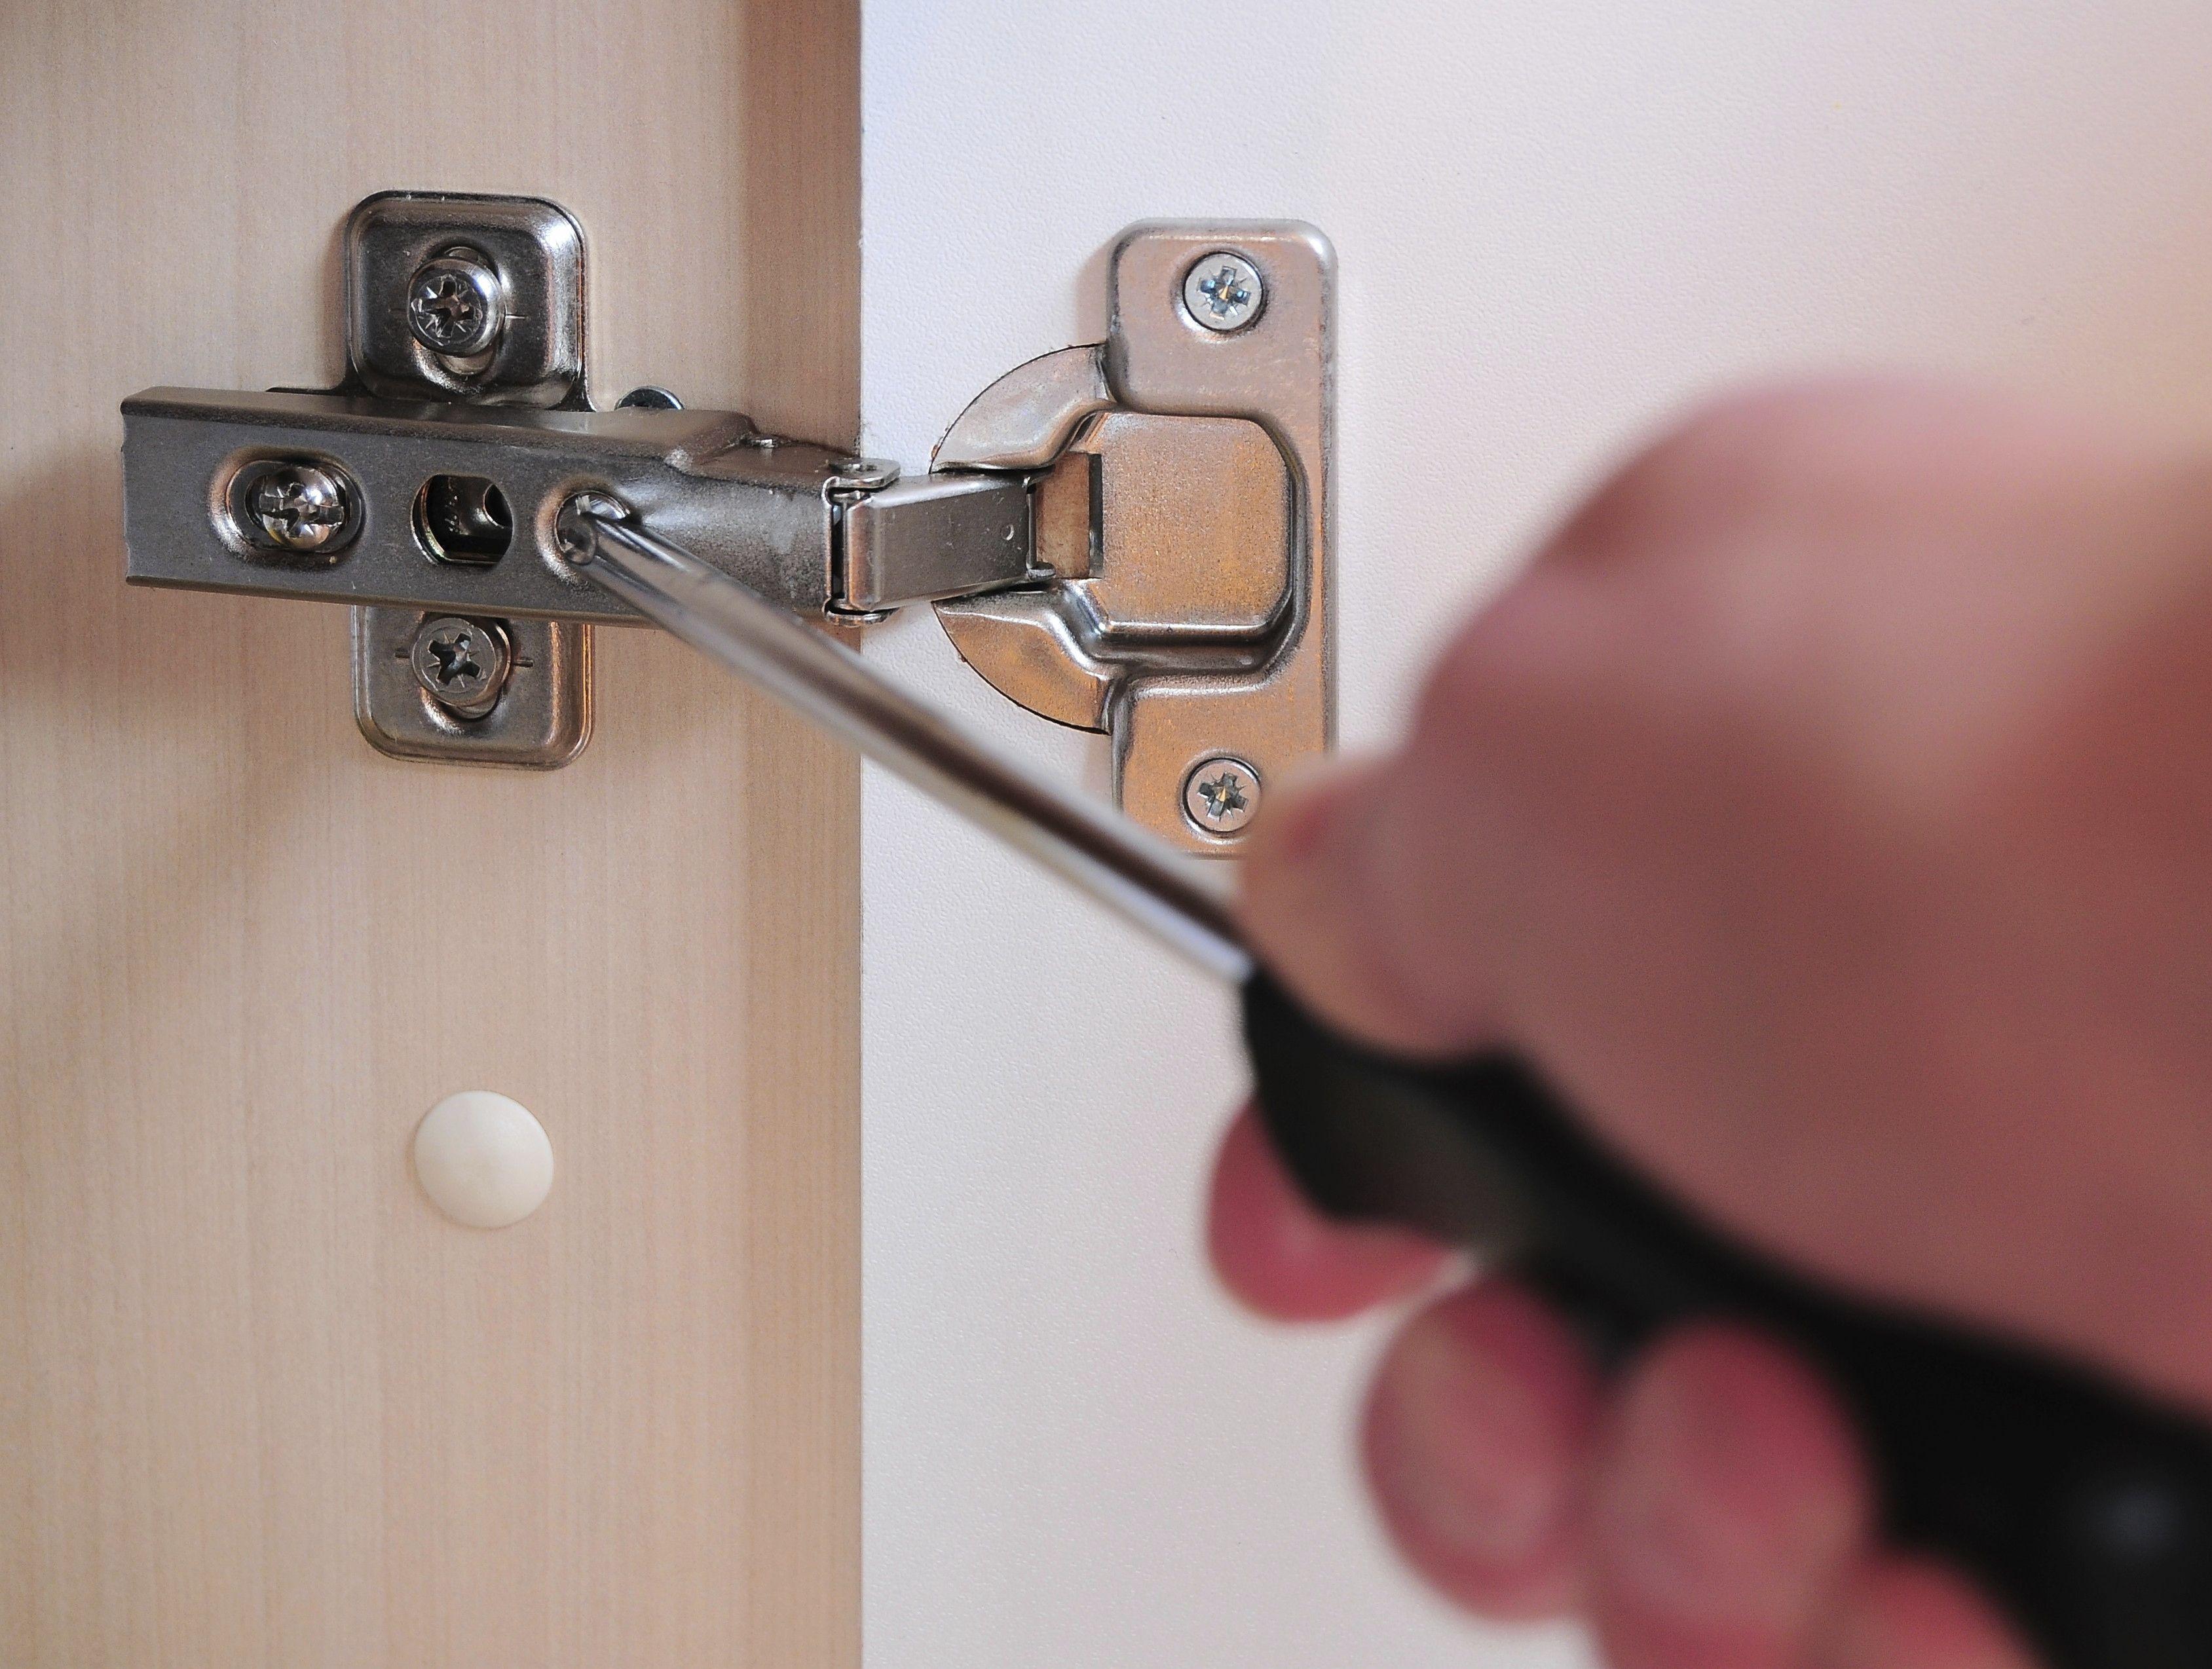 How to Adjust Cabinet Doors | Doors and Organizations